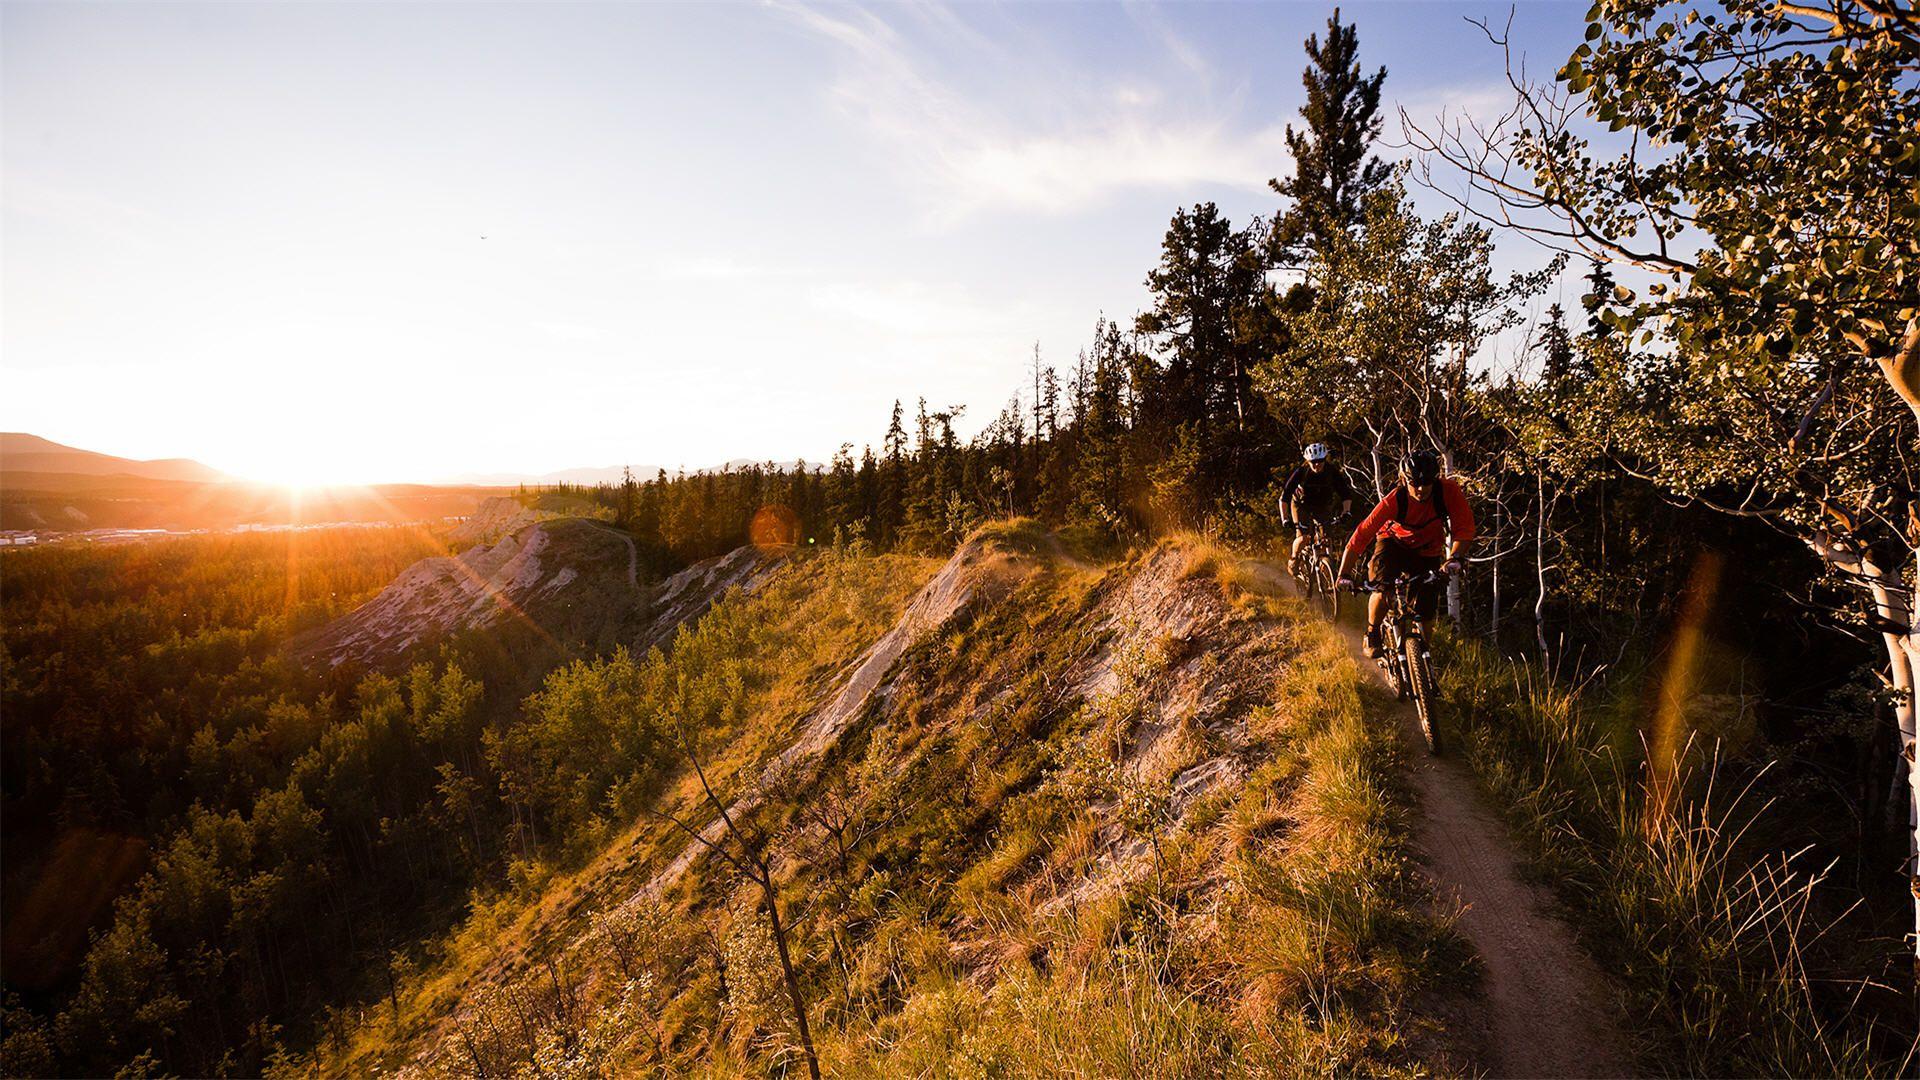 Mountain Bike Desktop Wallpaper Space Wallpapers In Toplist 1920x1080 Biking 40